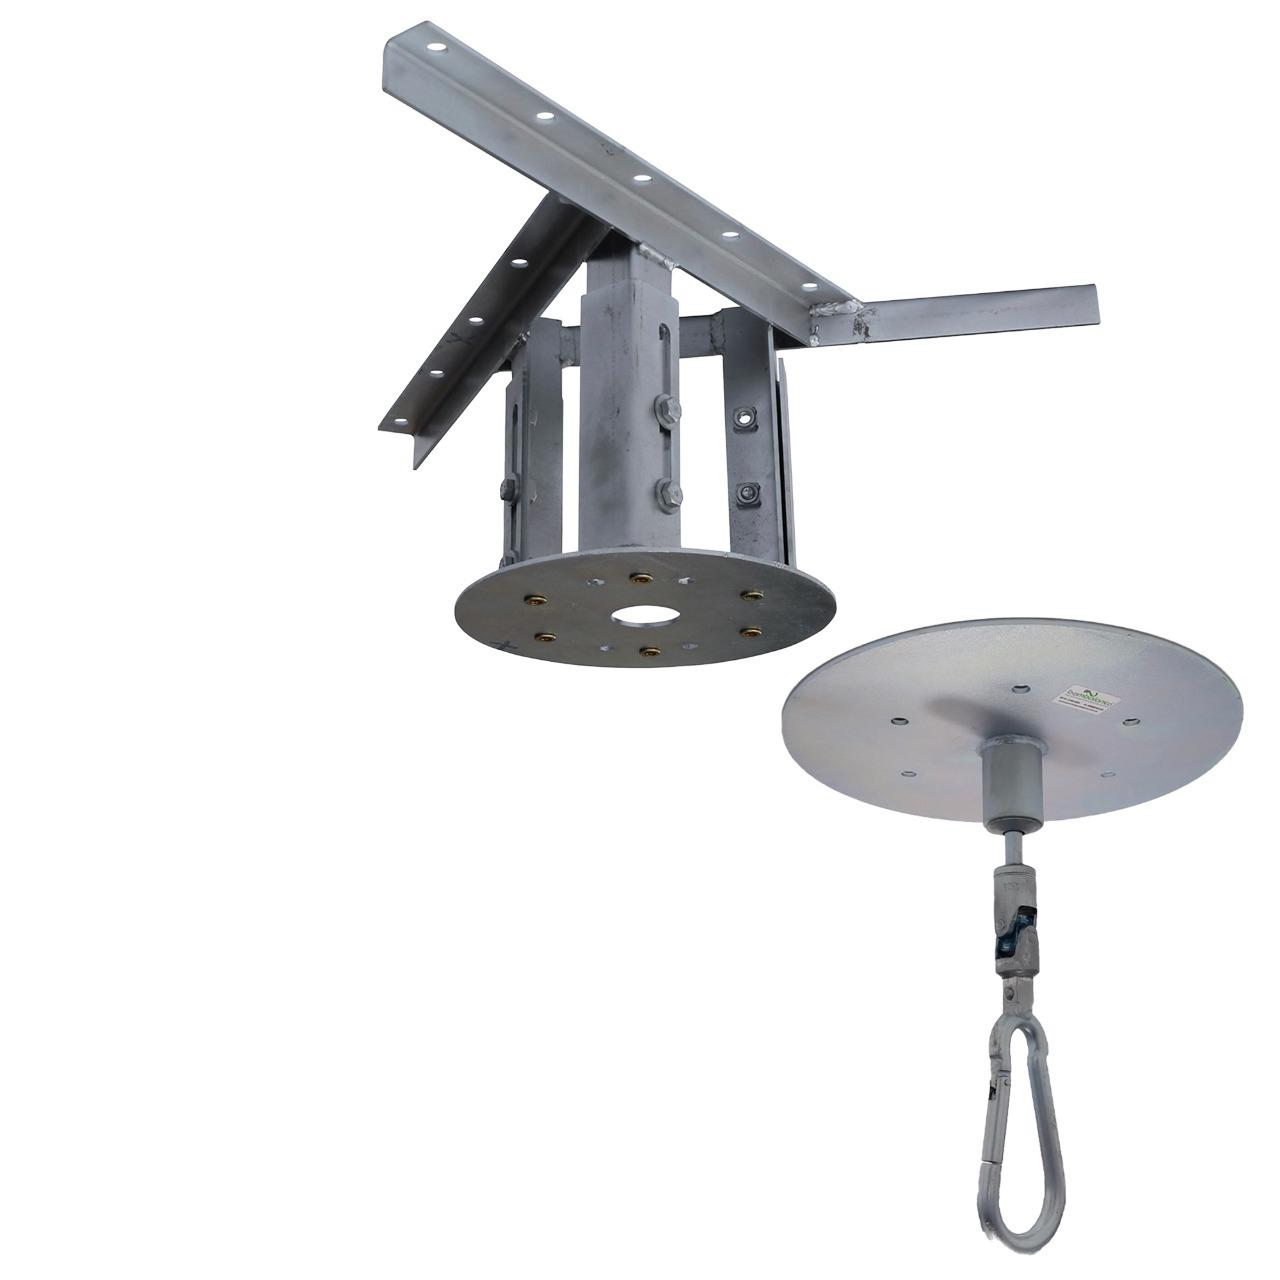 Kit extensor ajustável para teto com forro de gesso - 20 a 26 cm + Mosquetão Giratório com Colarinho 150Kg